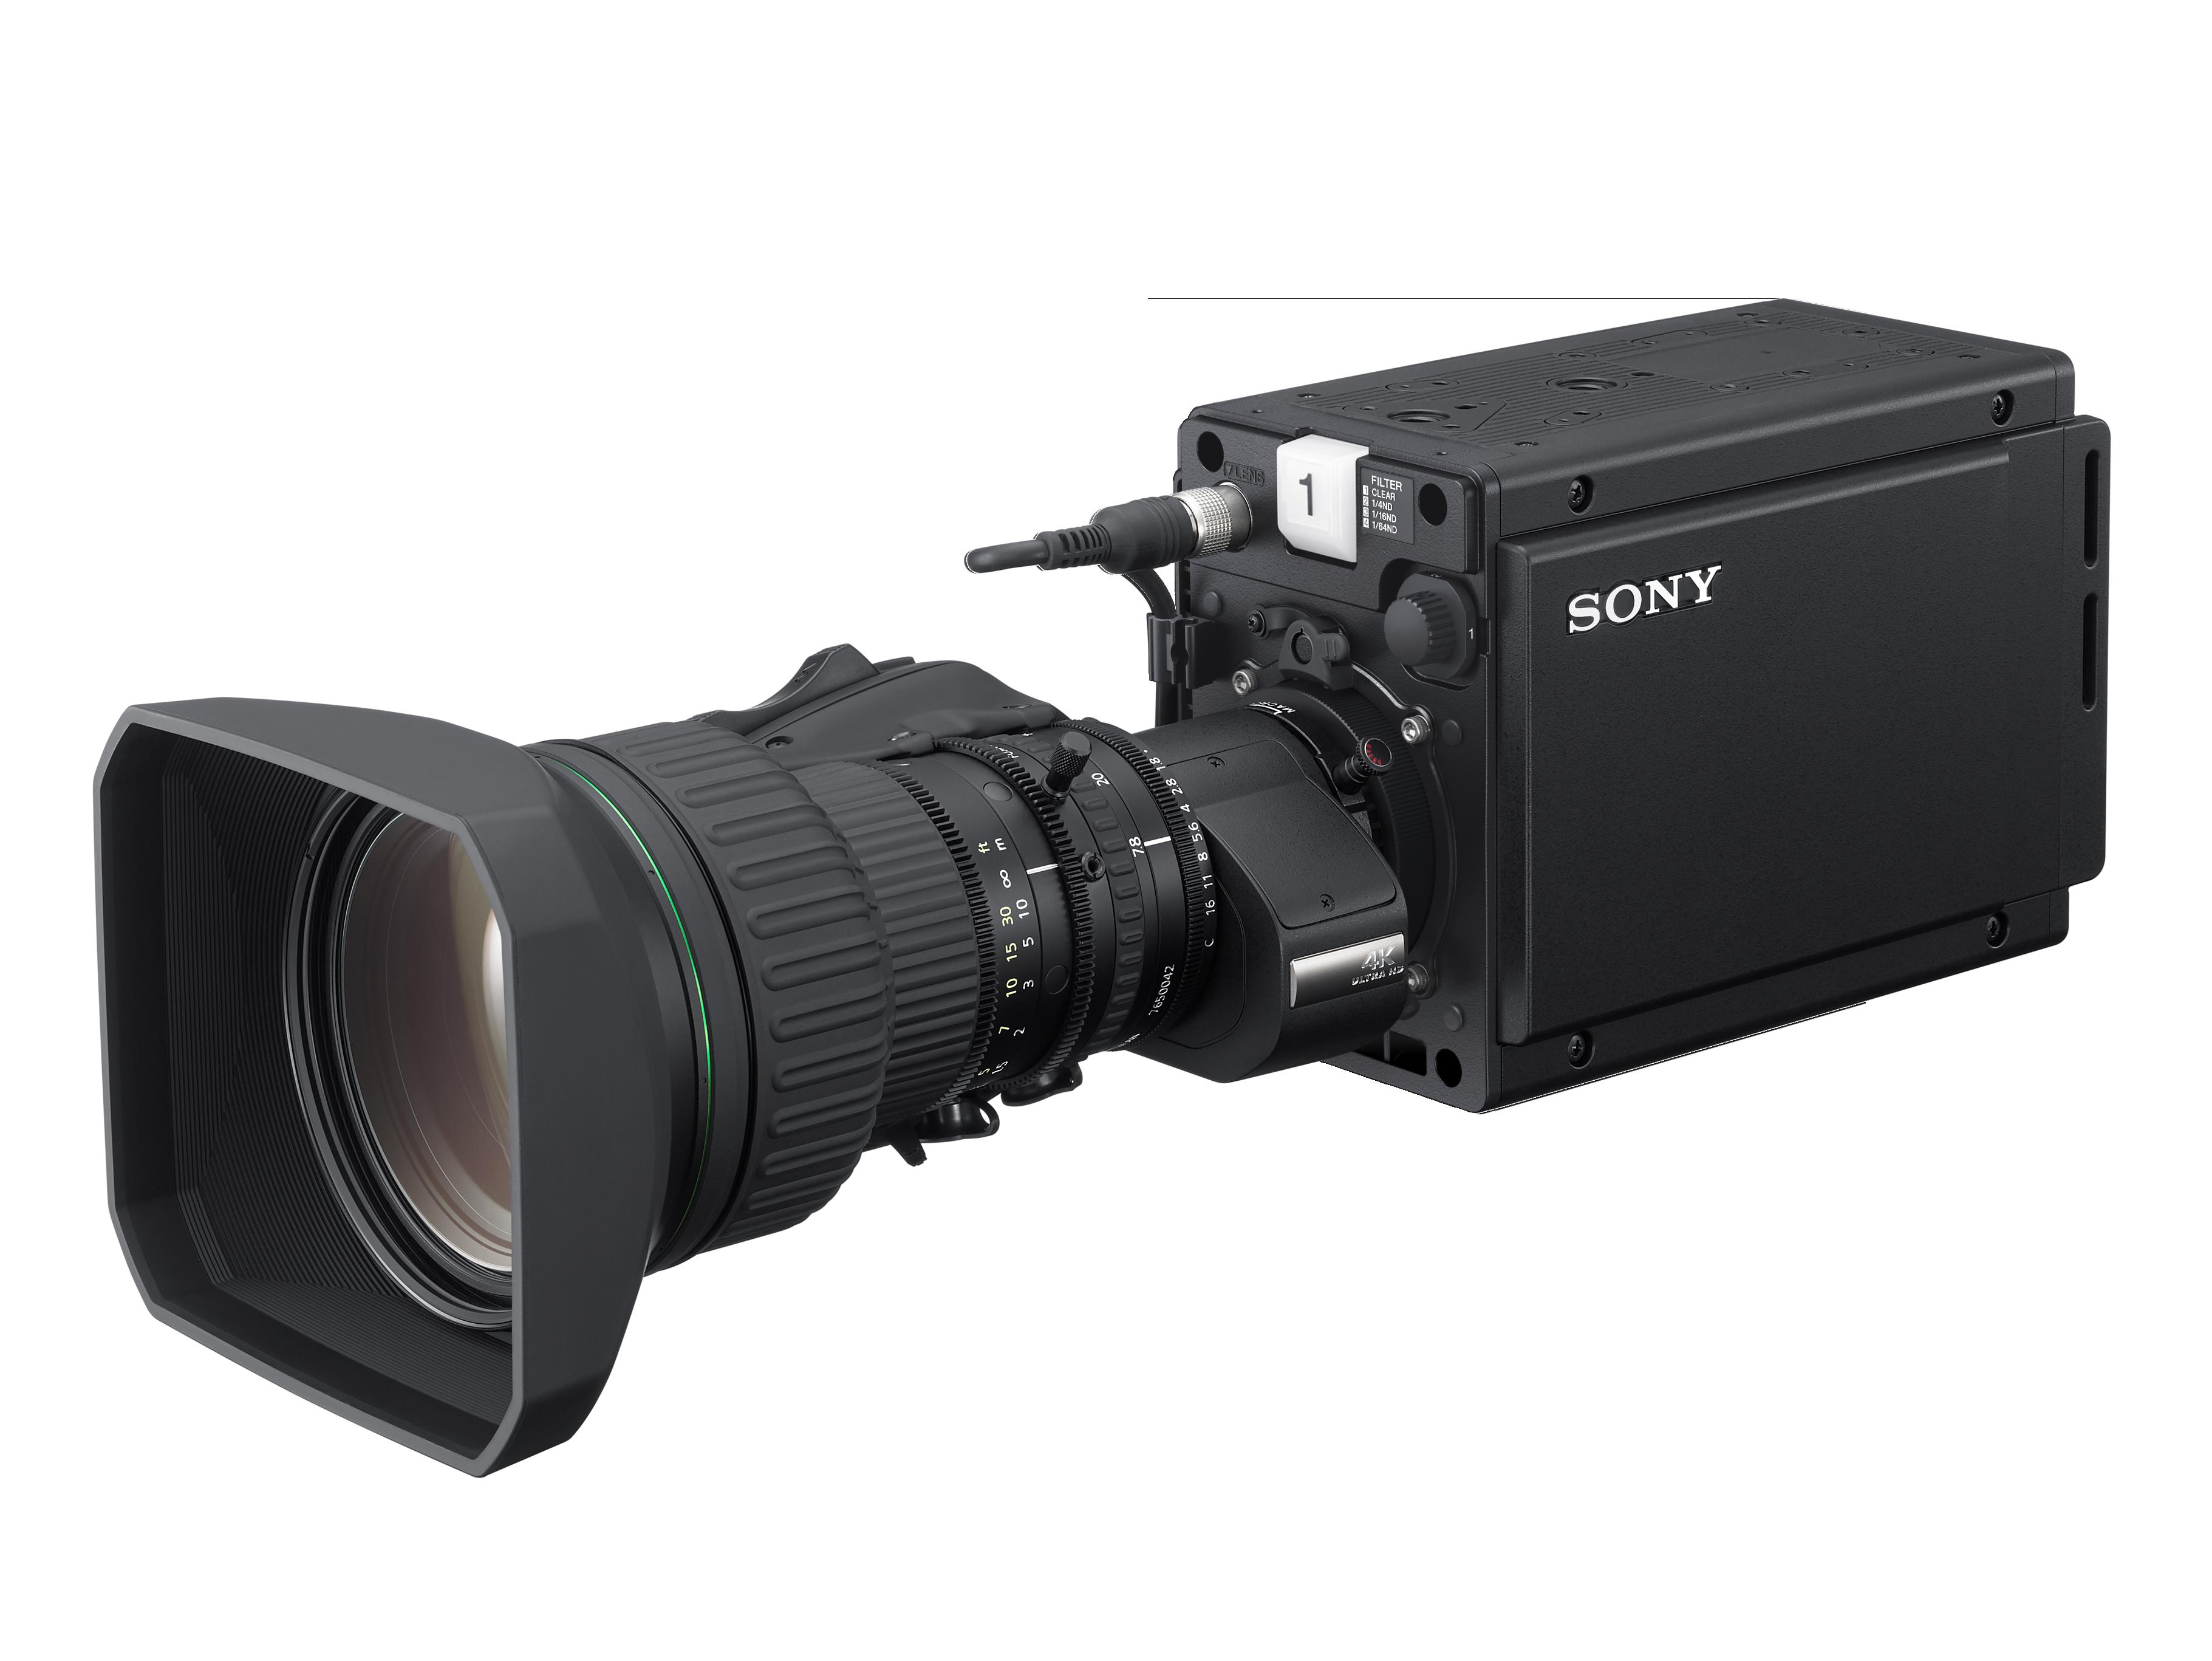 Sony dévoile son HDC-P31, un système de caméra multi-directionnel optimisé de fonctionnalités à distance et d'un flux de travail HDR avancé